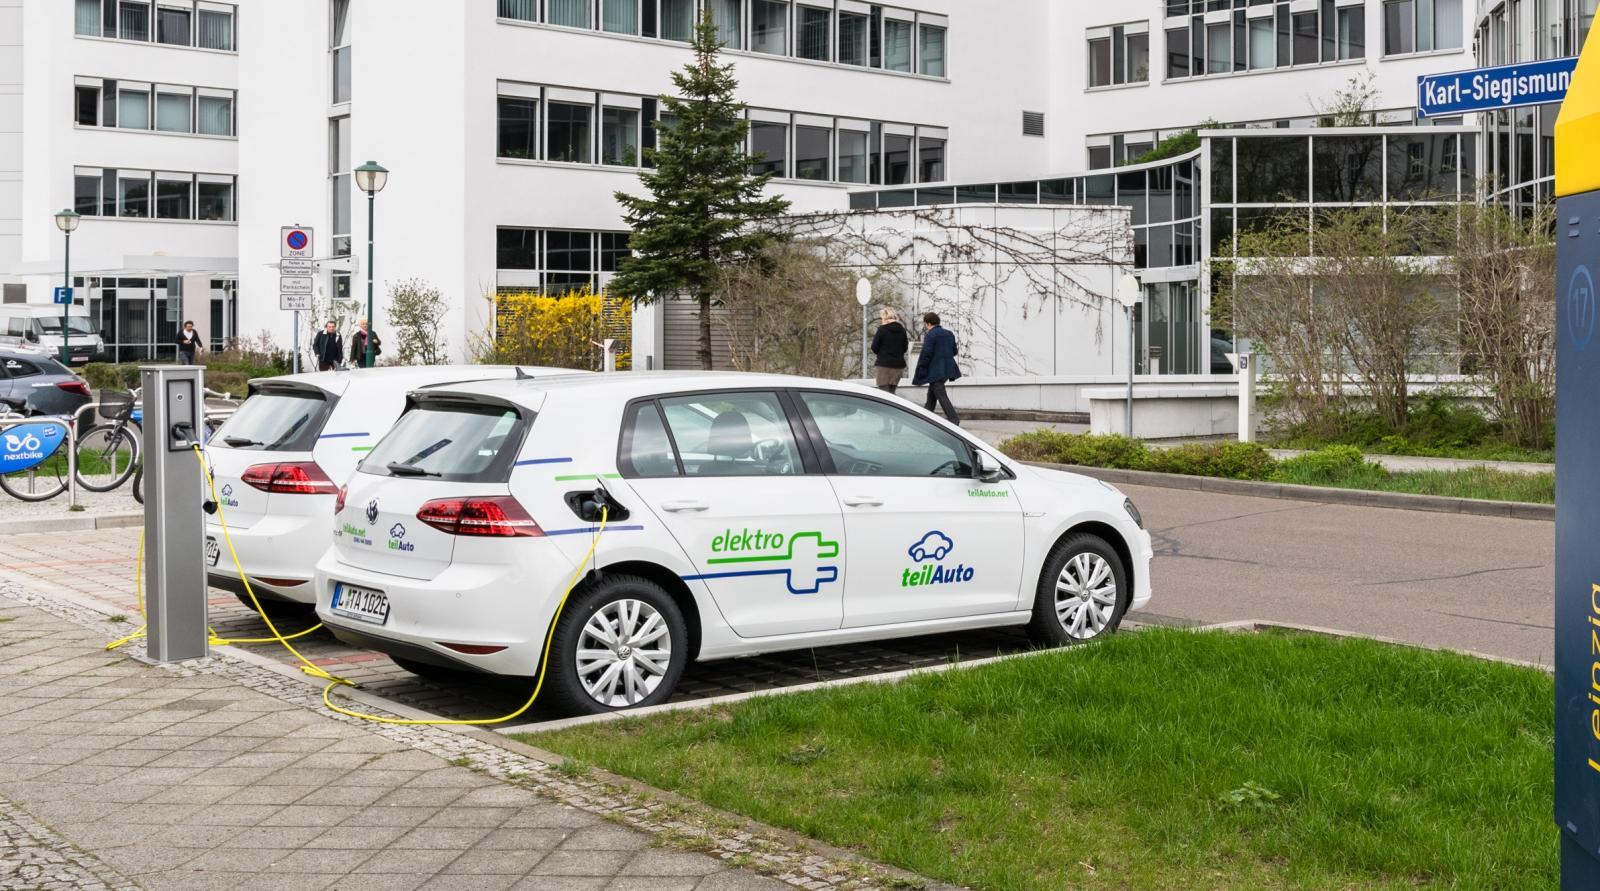 Foto: Mobility Center GmbH (teilAuto)